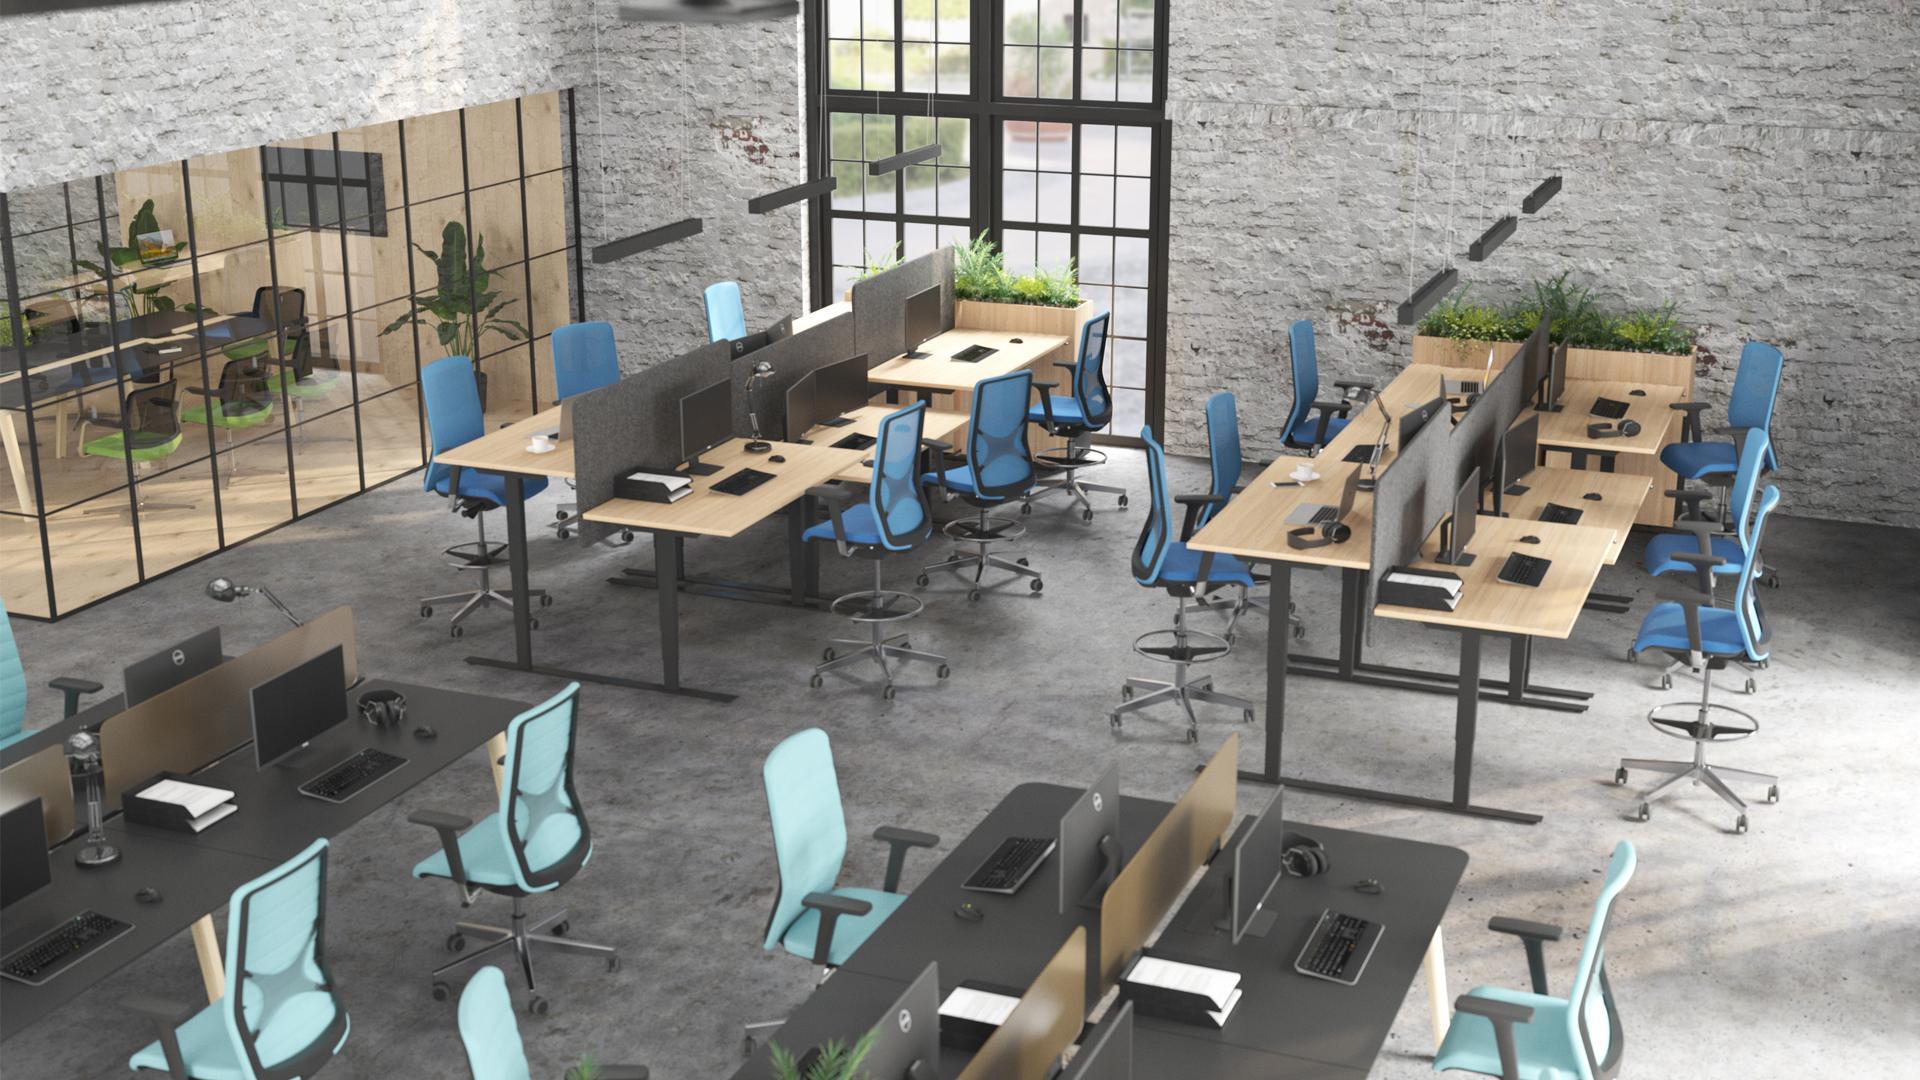 WIND biroja krēsls ar NOVA Wood galdu un augstajiem WING krēsliem pie EASY galdiem